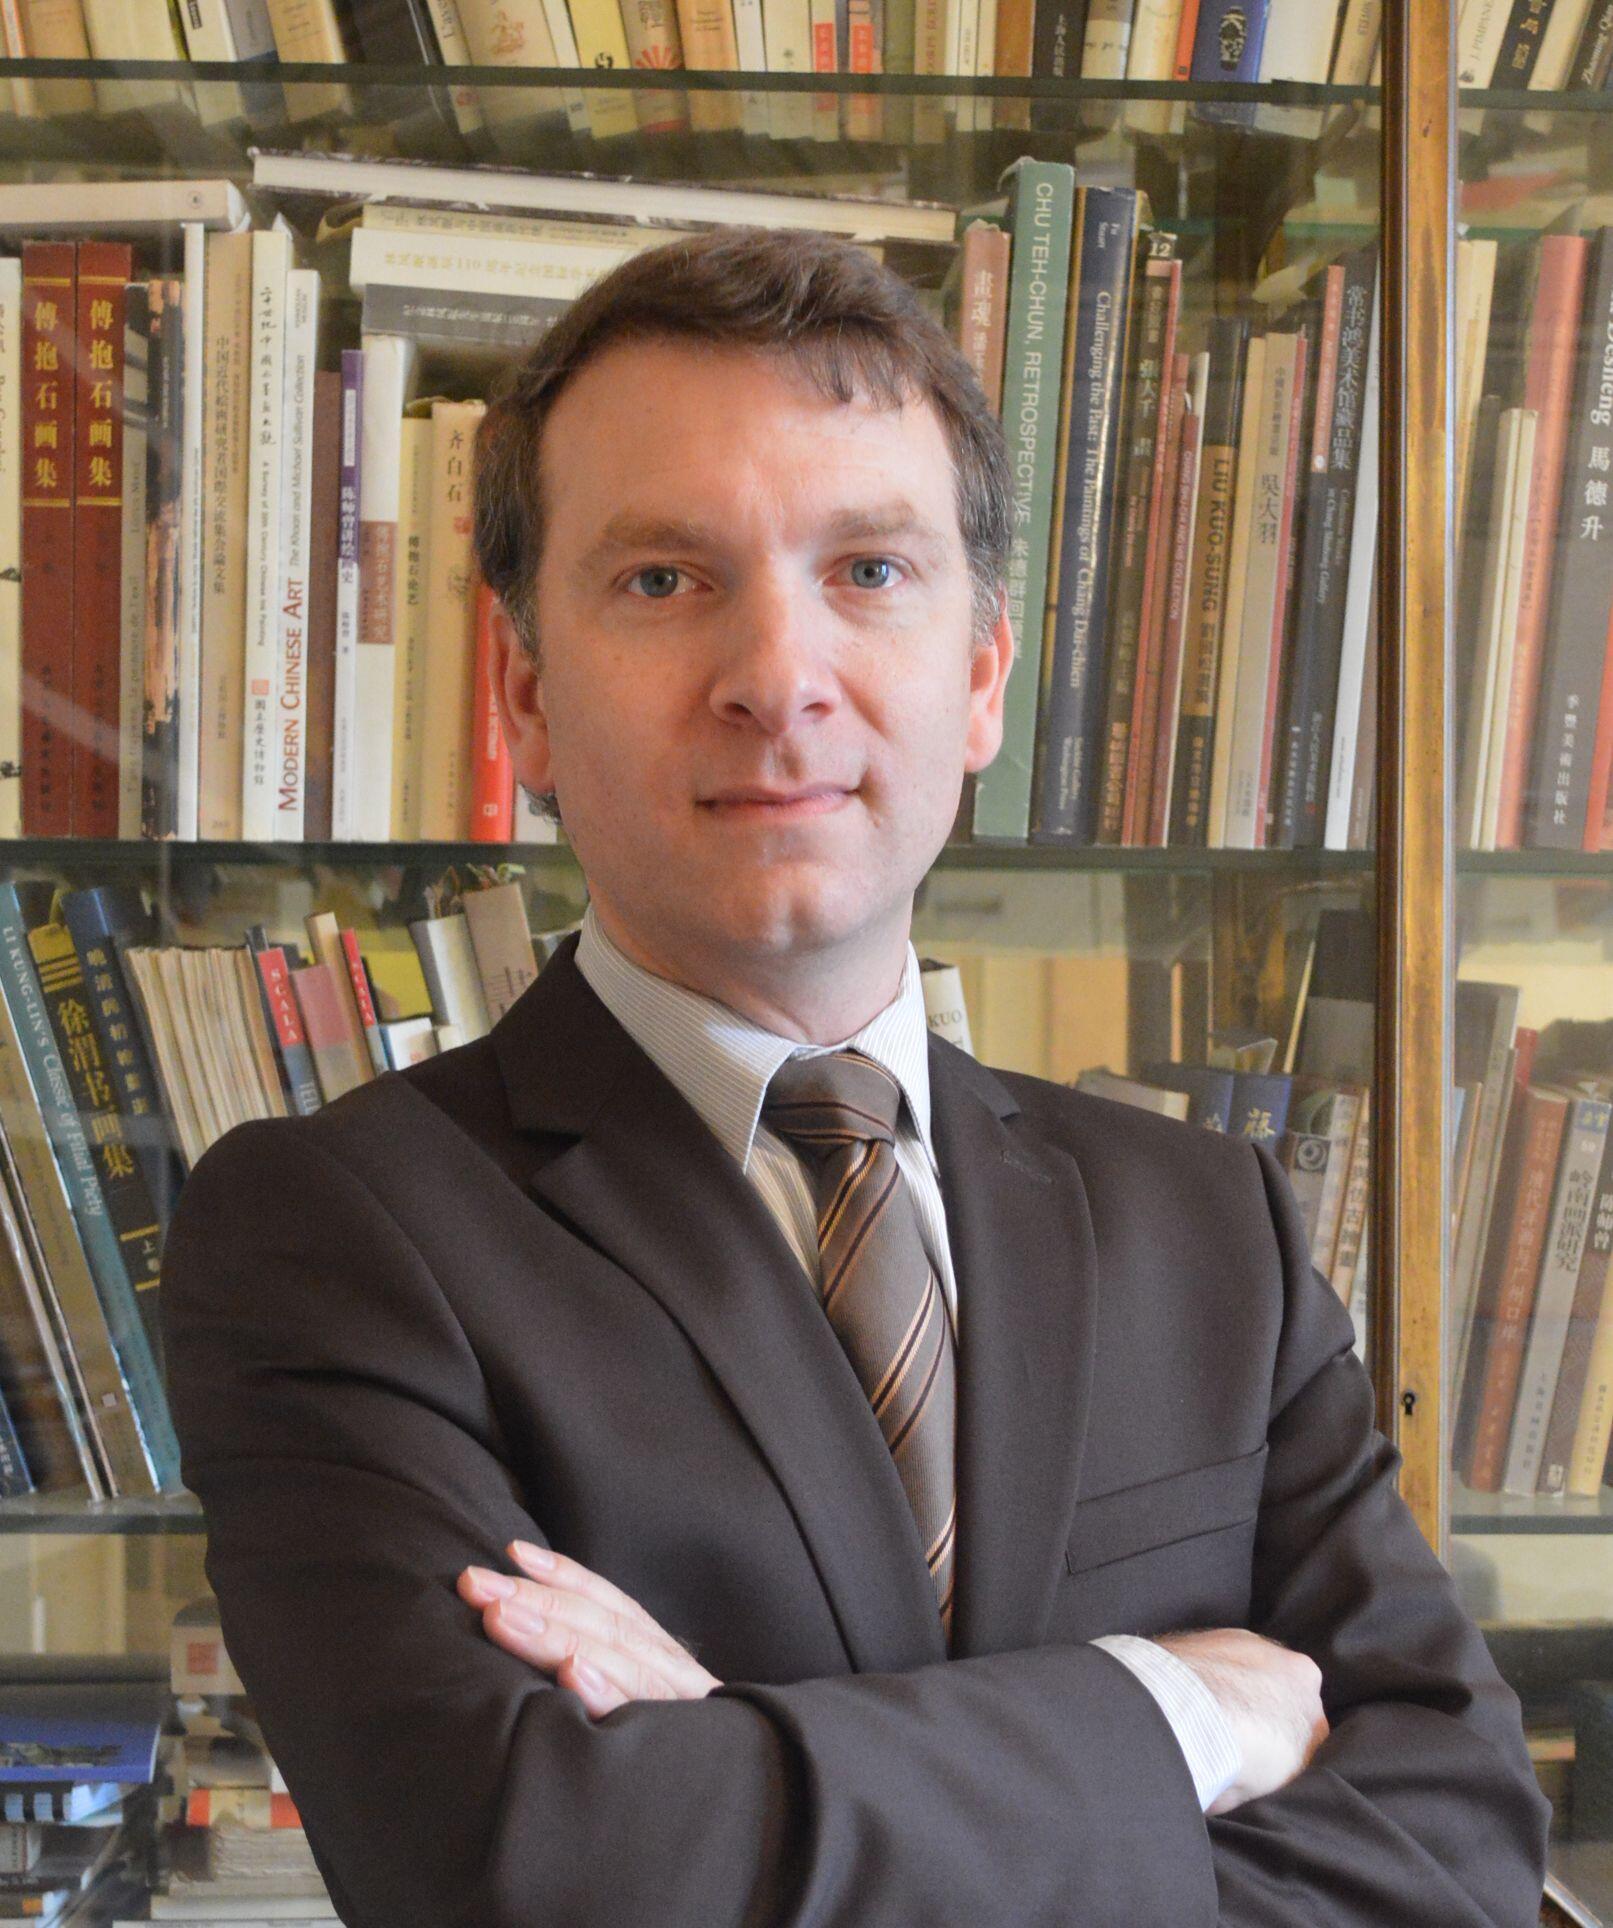 巴黎赛努奇市立亚洲博物馆馆长易凯先生(Eric Lefebvre)